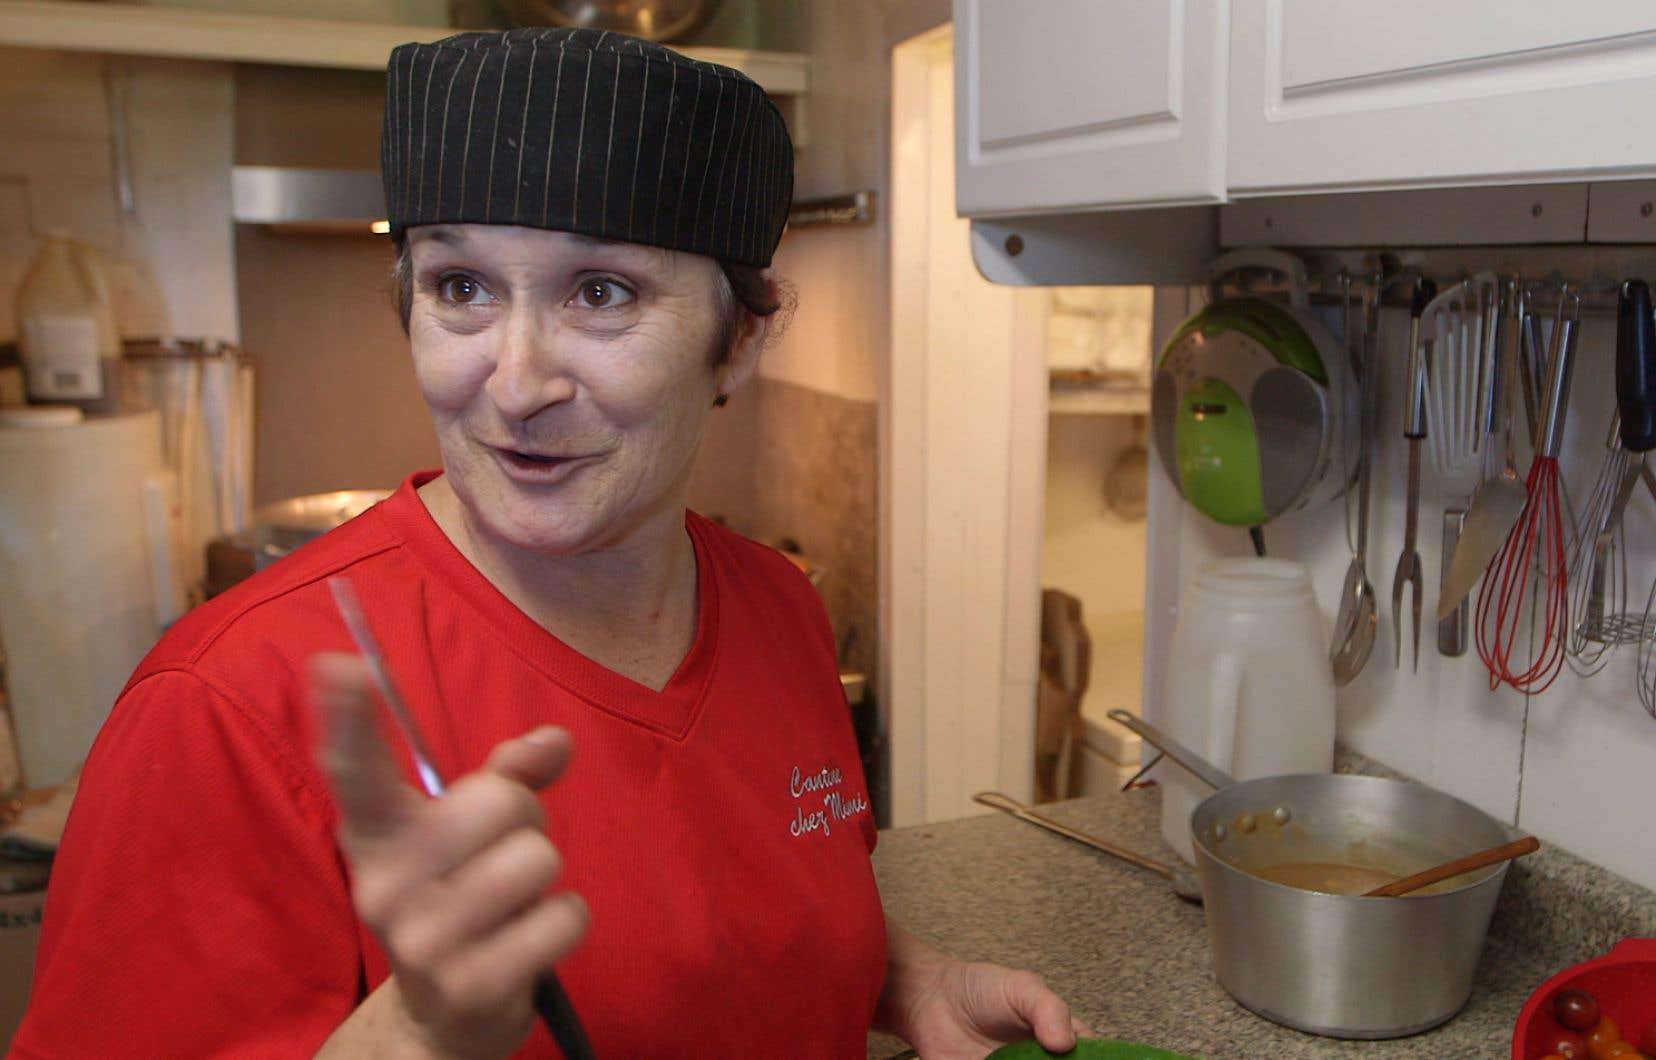 «Esprit de cantine» va à la rencontre de différents propriétaires de cantines au Québec, dont Mimi, quimitonne de bons petits plats pour ses clients assidus.